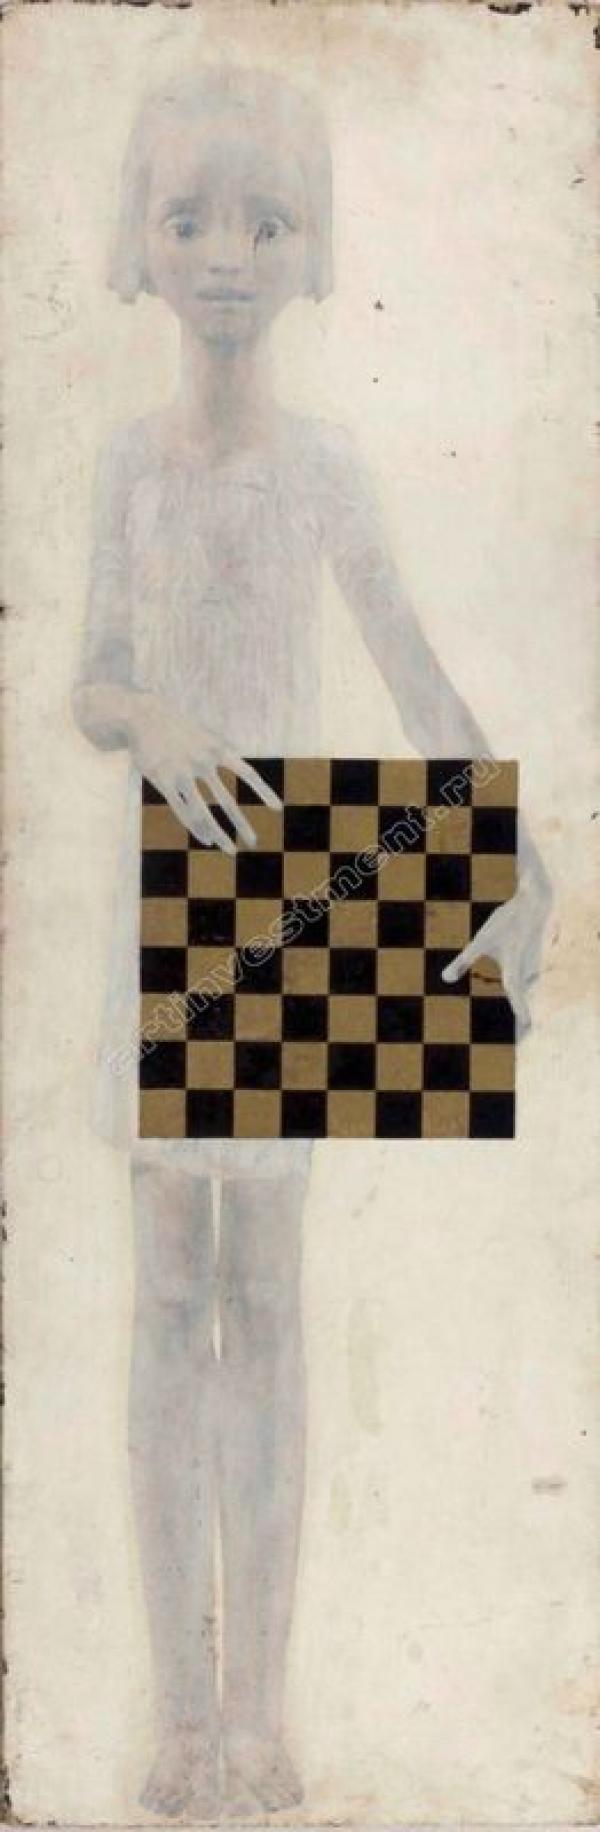 ВИТАЛИЙ КОМАР Девочка с шахматной доской. 1961